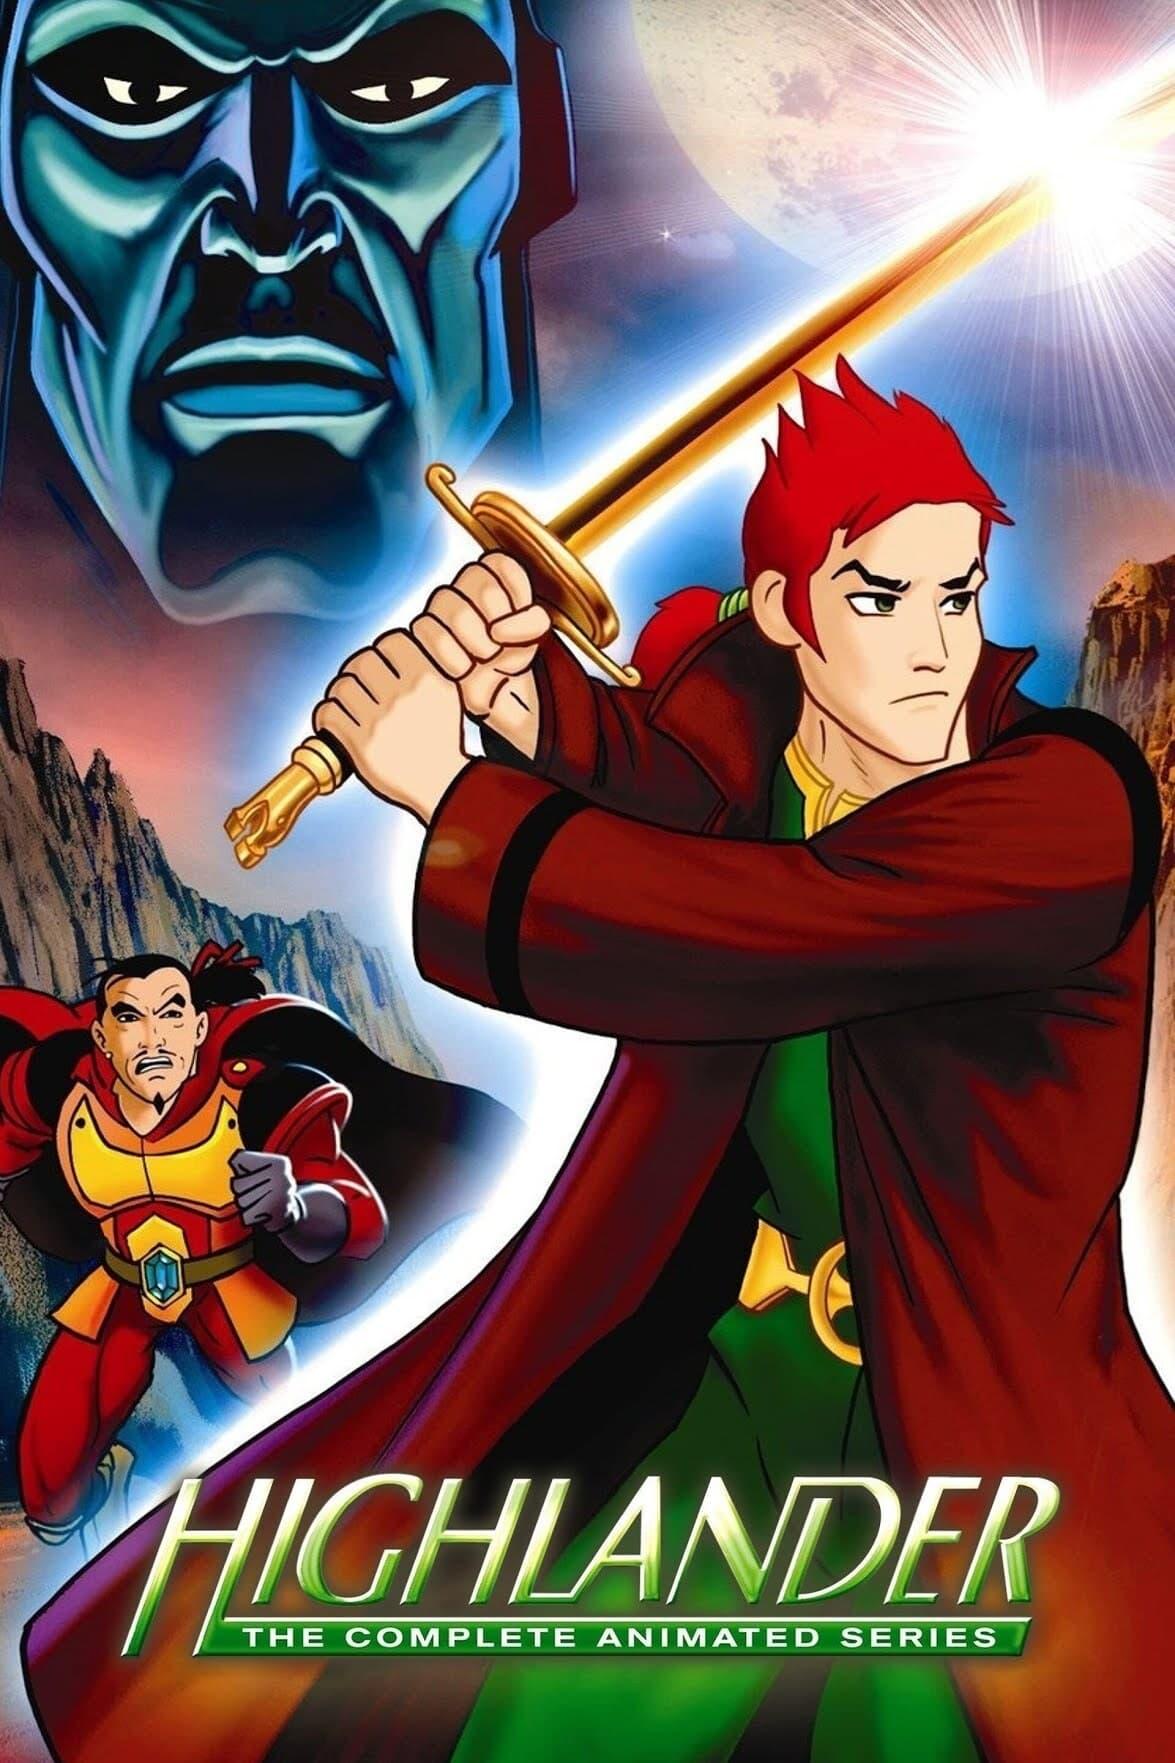 Highlander, le dessin animé